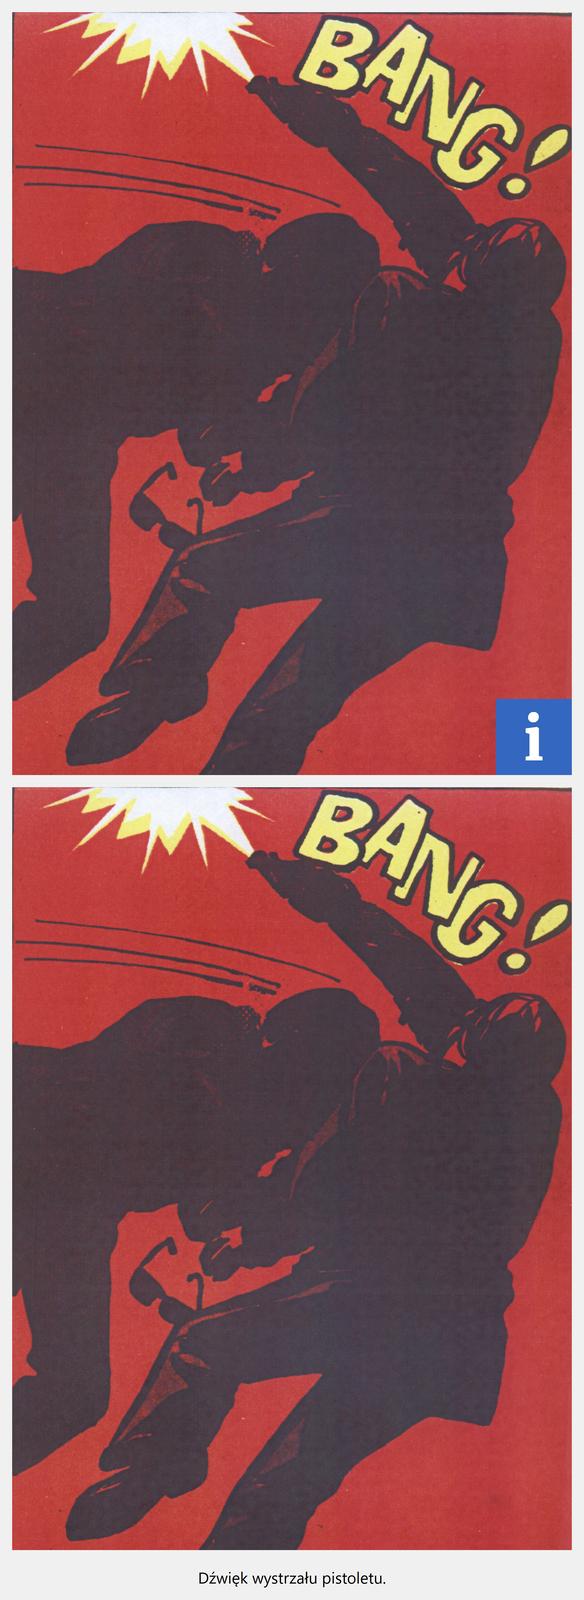 """Ilustracja interaktywny przedstawia fragment komiksu """"Kapitan Żbik. Zapalniczka zpozytywką"""". Ukazuje dwóch mężczyzn podczas bijatyki. Mężczyzna zlewej strony wpada zimpetem wdrugiego, który strzela zpistoletu. Nad nimi znajduje się żółty wyraz BANG! Tło jest czerwone. Pod ilustracją znajduje się plik dźwiękowy przedstawiający odgłos wystrzału zpistoletu."""